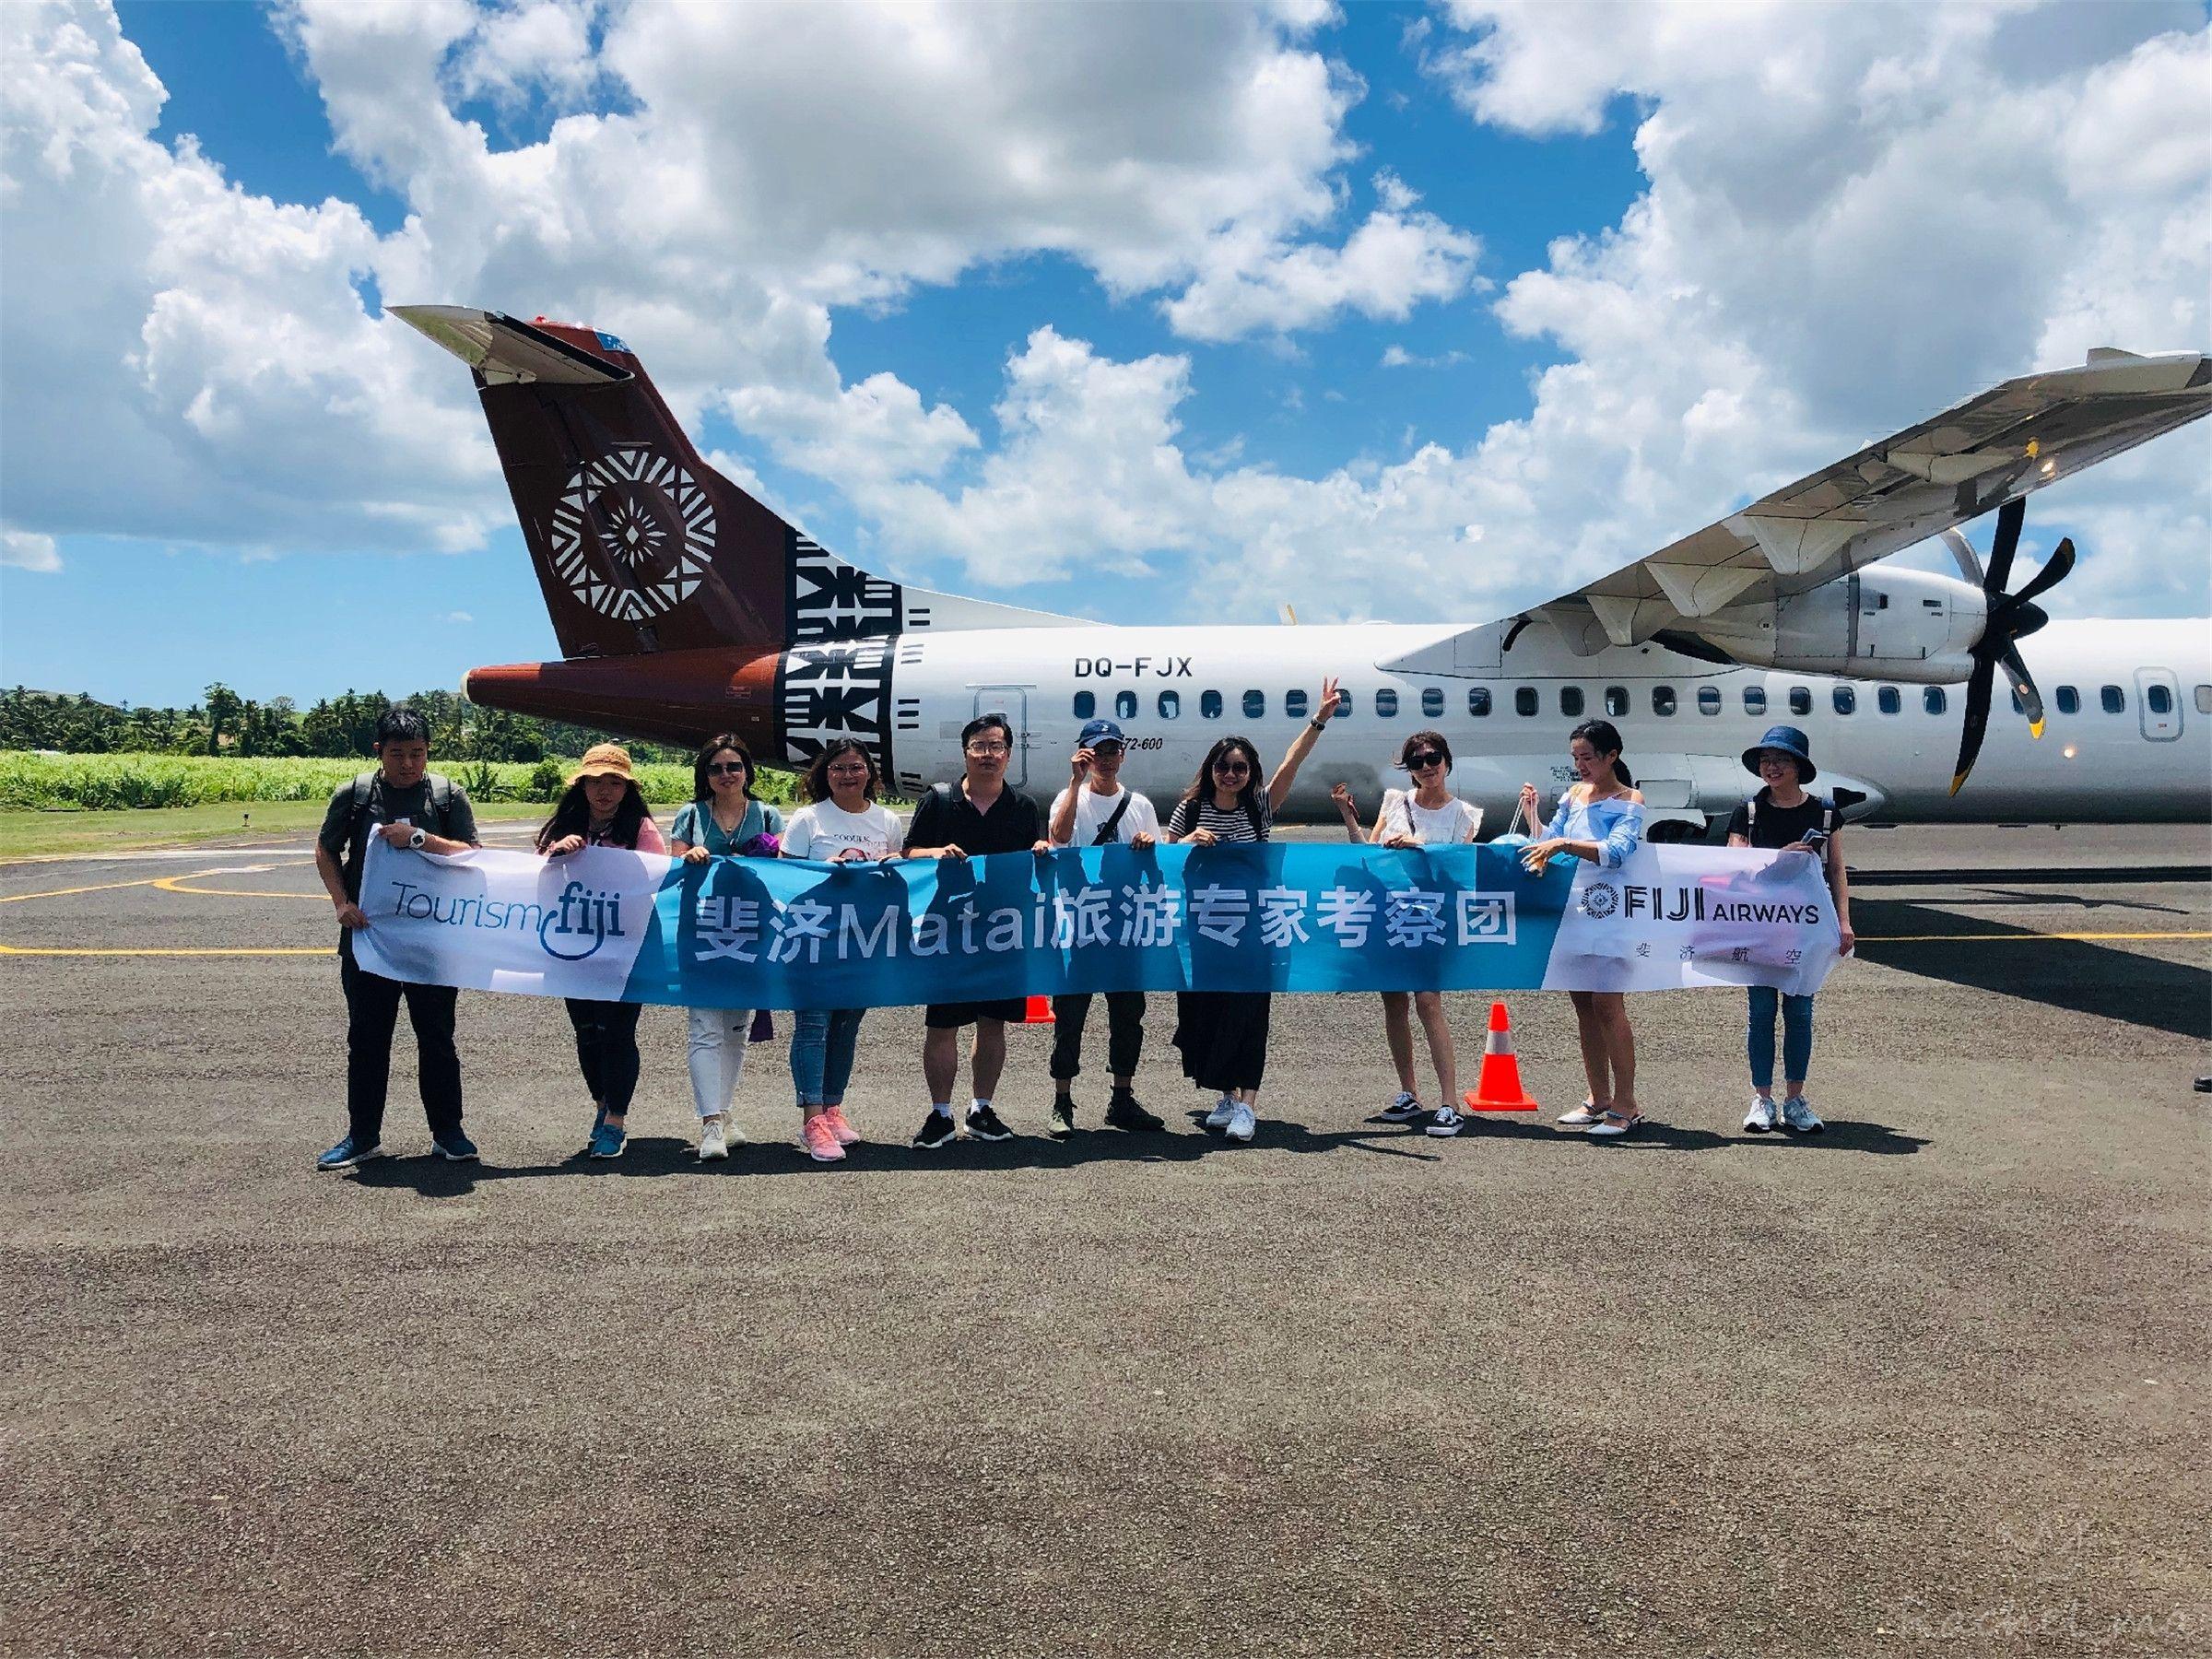 斐济旅游局邀请首批斐济旅游专家体验多元化斐济